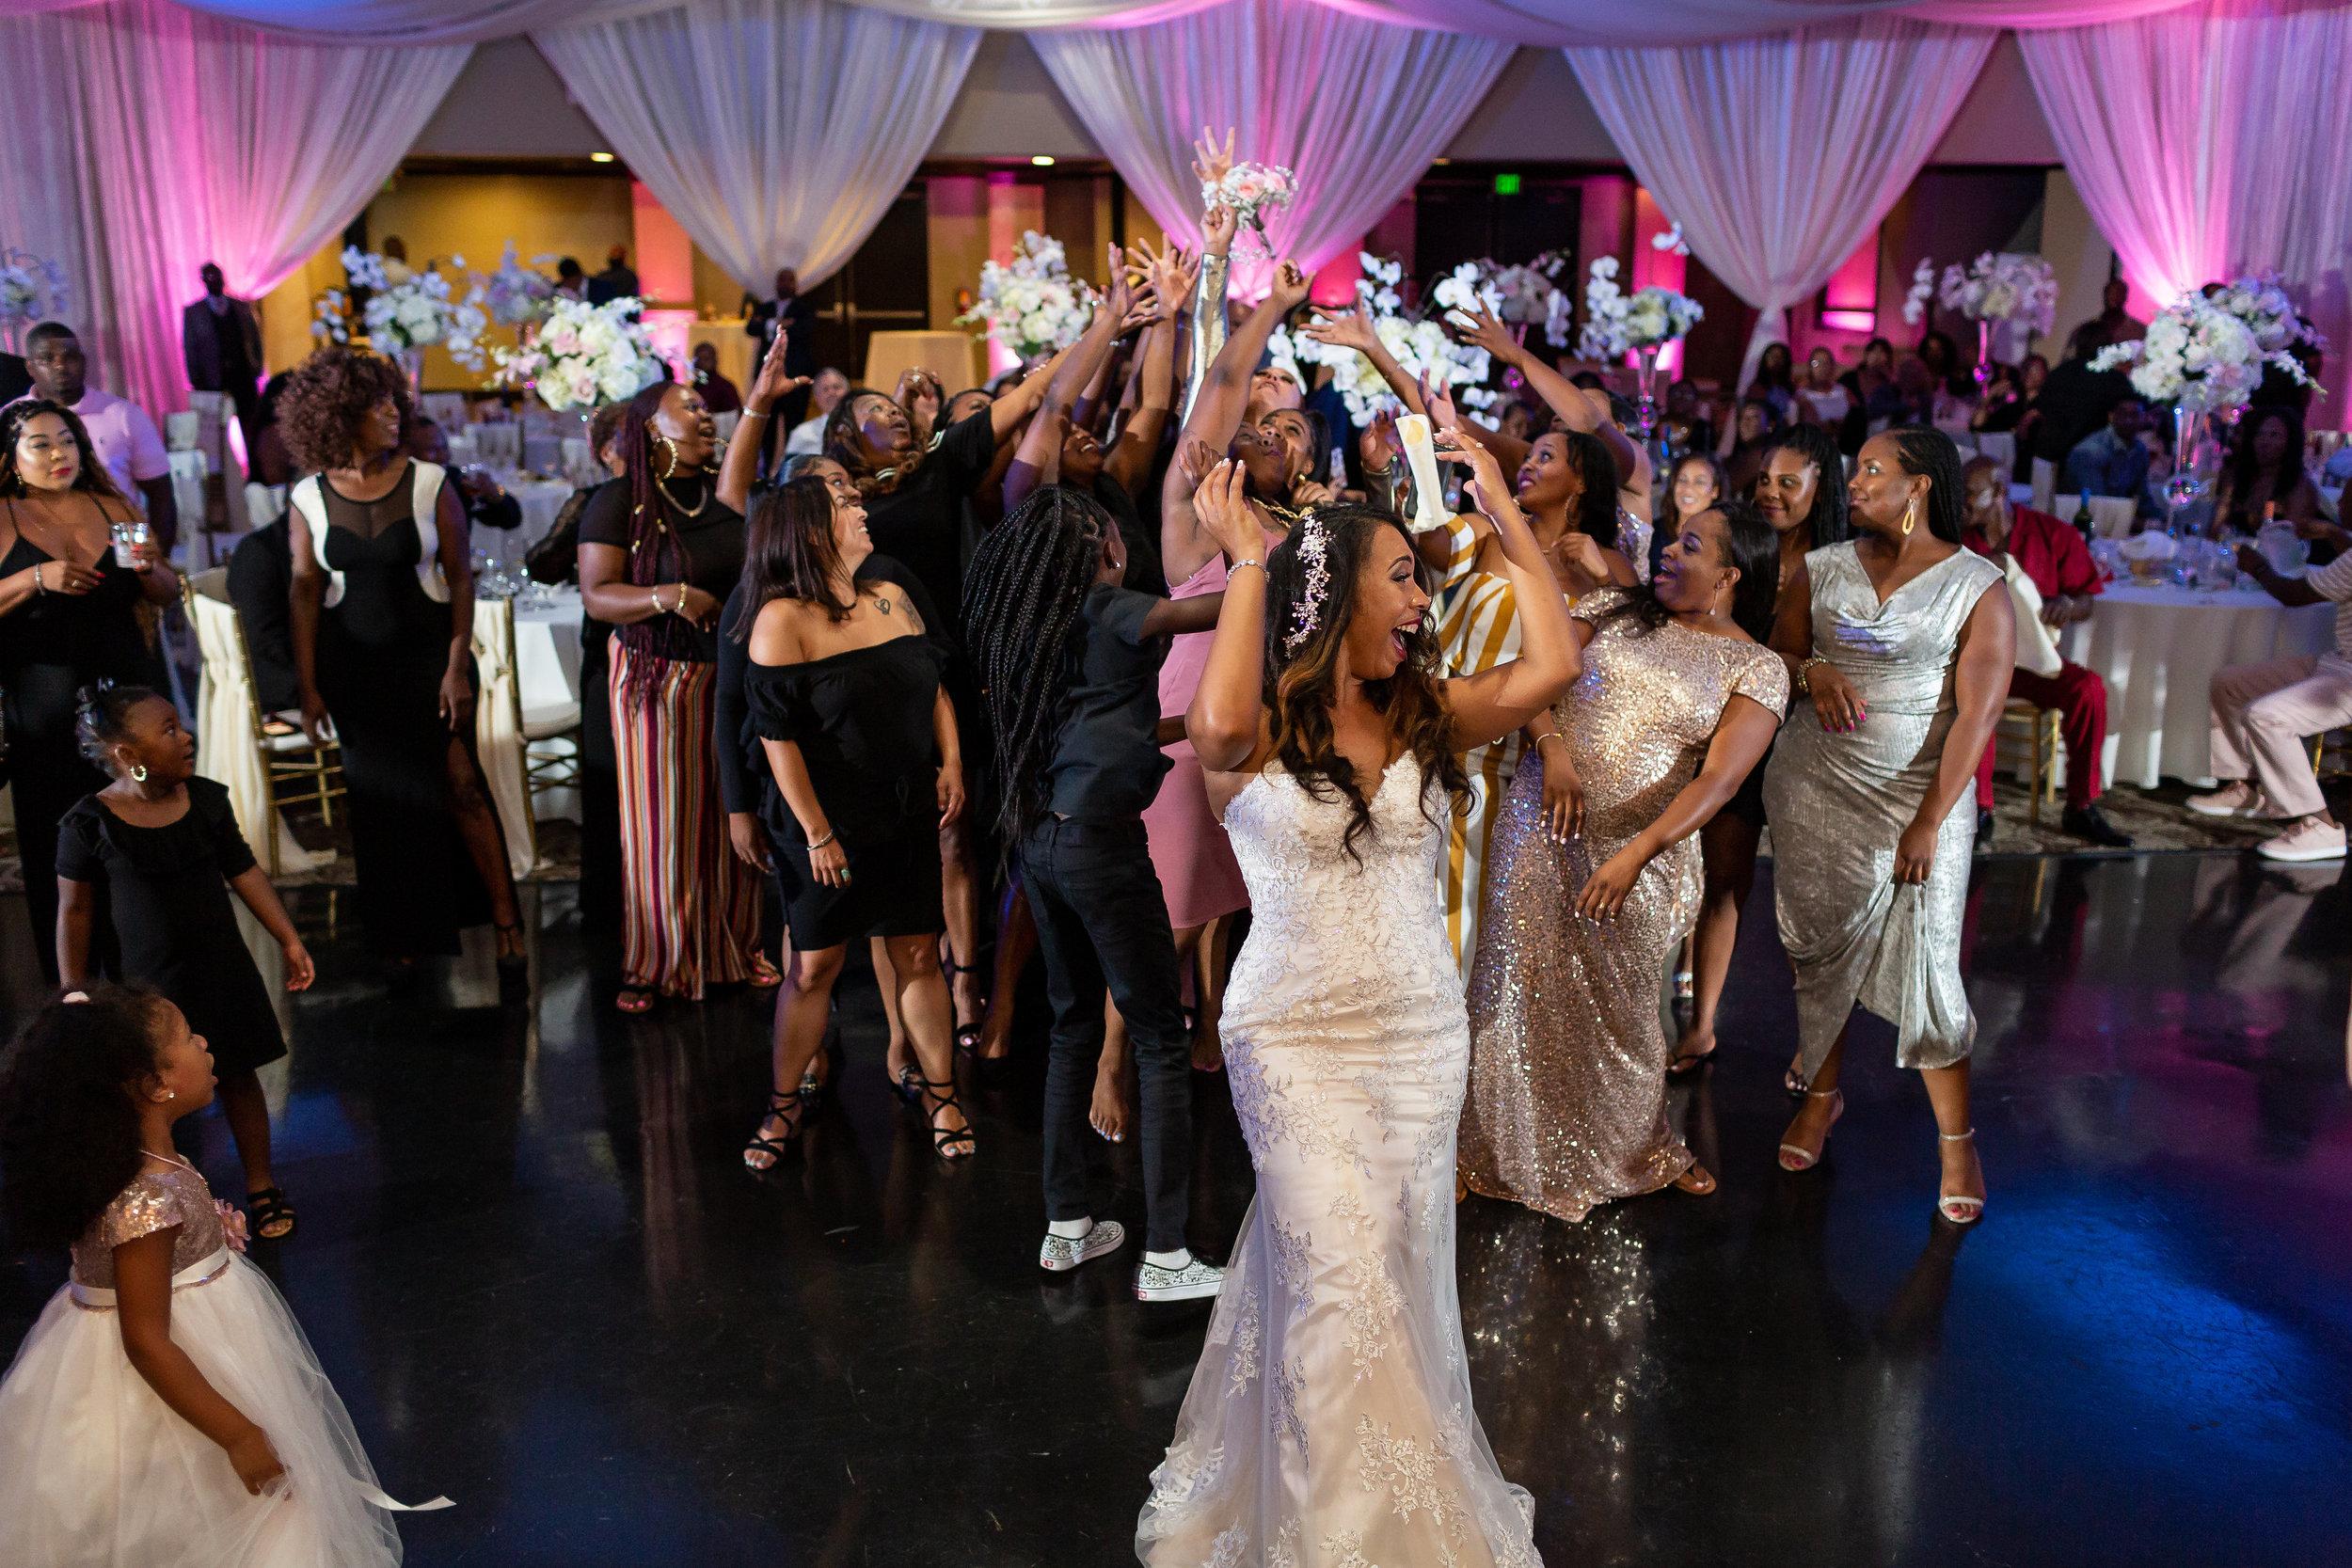 Stunning Bouquet Toss Photo of Long Beach Wedding.jpg